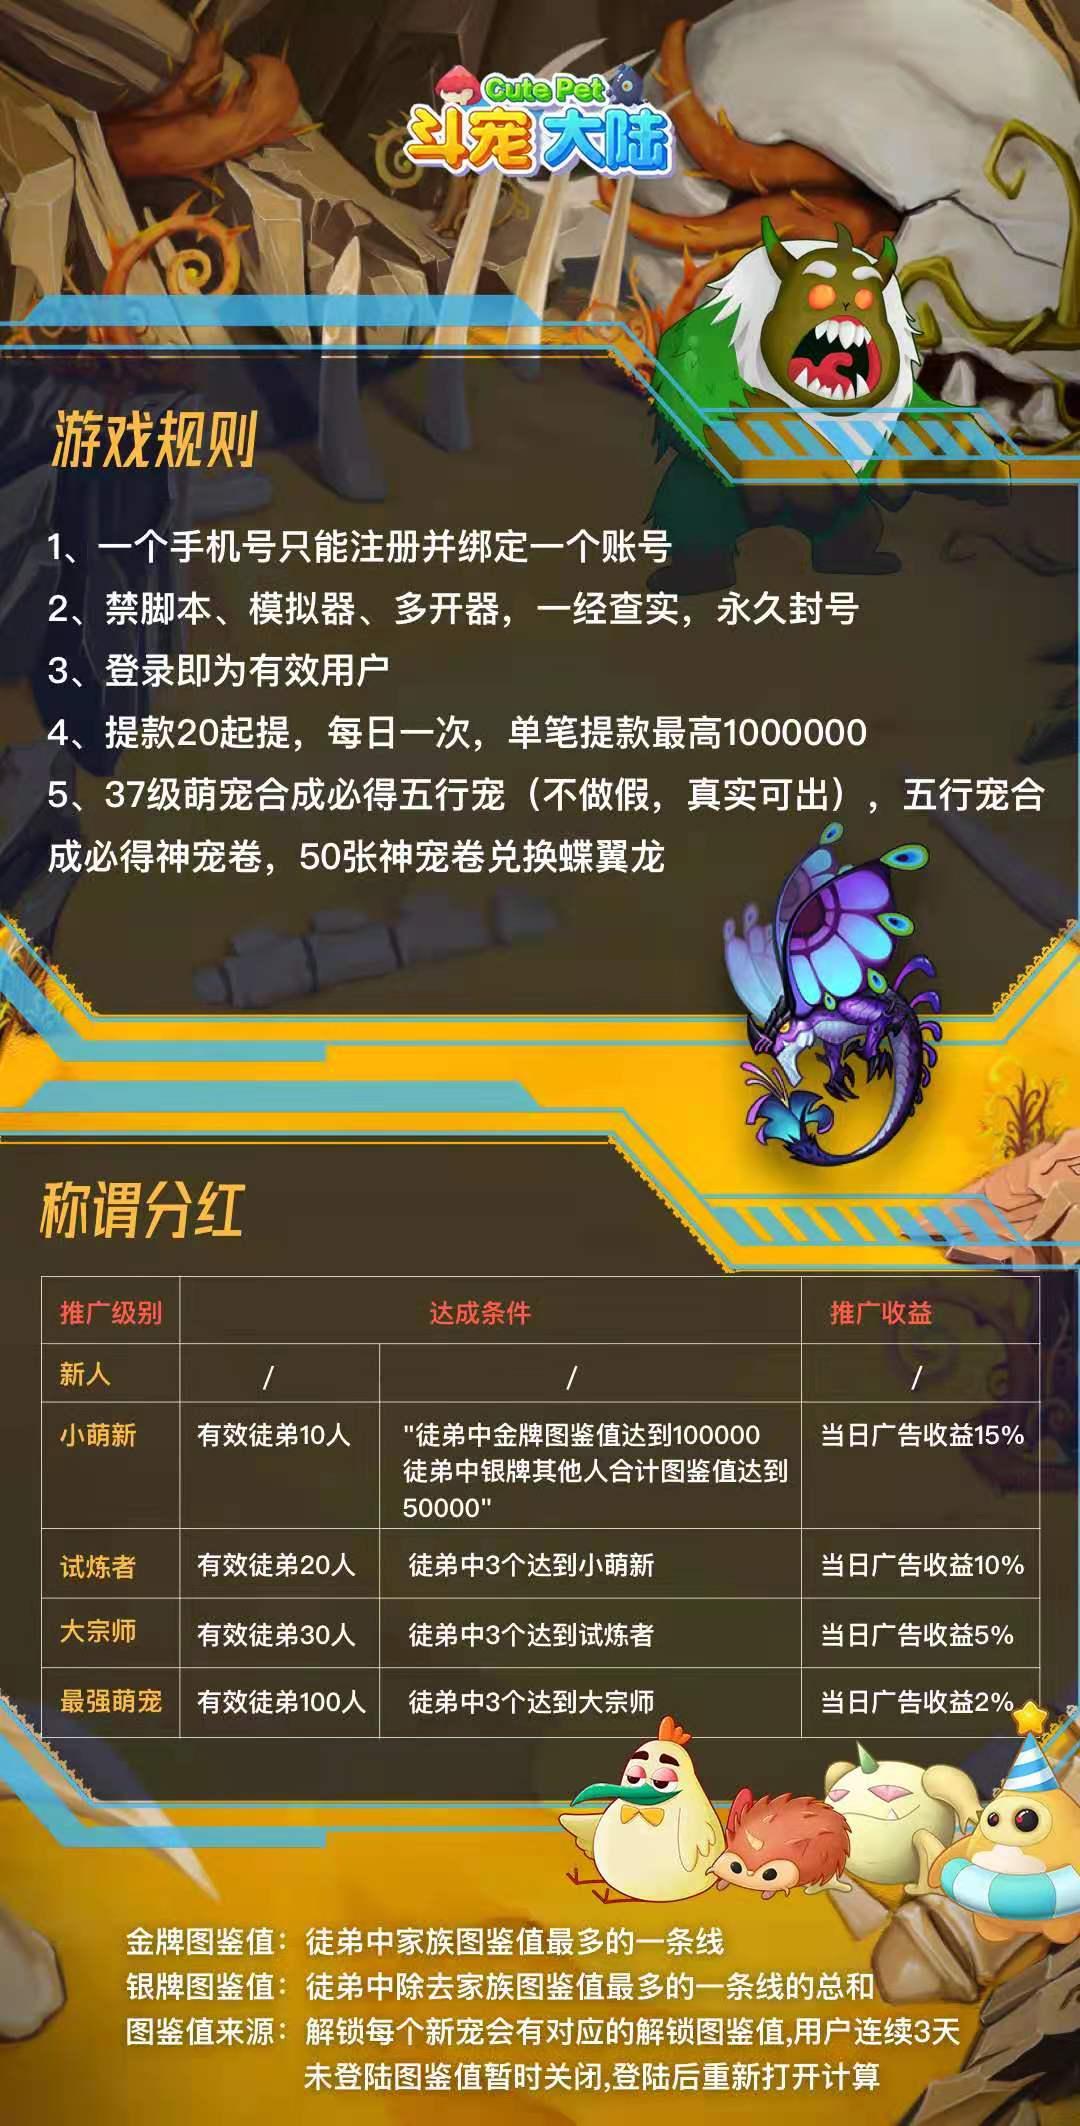 斗宠大陆6月26日上线官方最高扶持